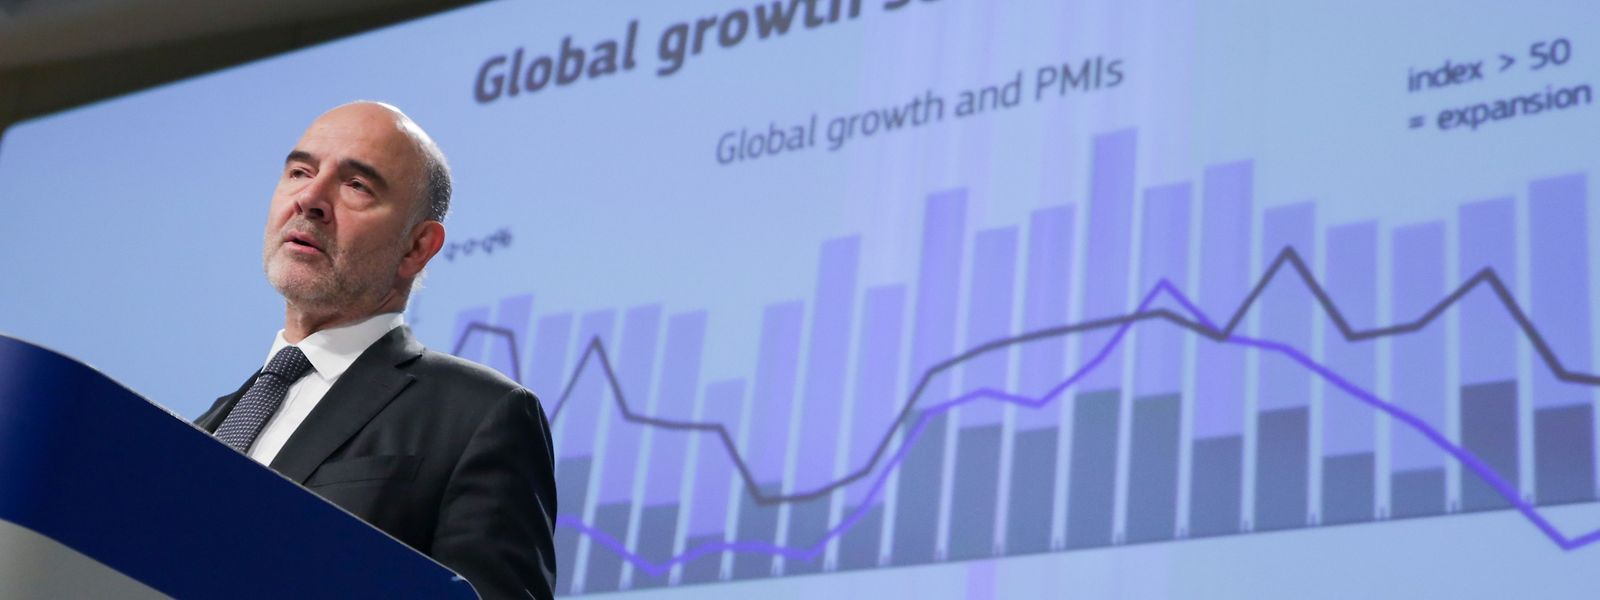 Le commissaire économique européen Pierre Moscovici, dont le mandat expire à la fin du mois, a présenté les prévisions d'automne.